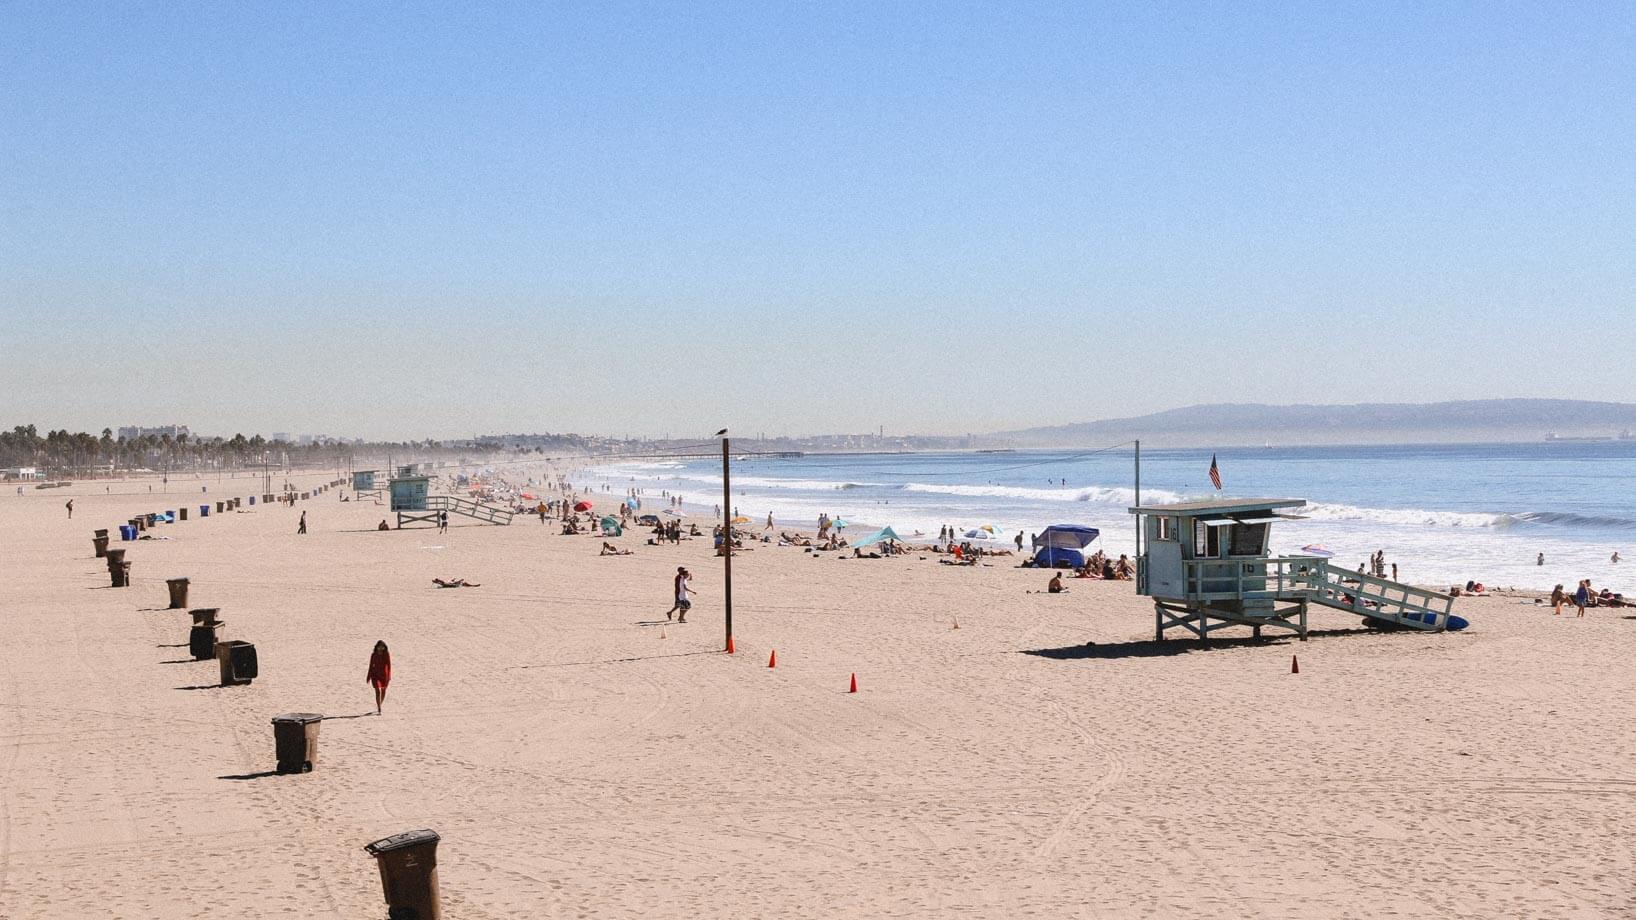 """Пляж в Санта-Крус, Каліфорнія. Експеримент """"Американська мрія"""": яке воно, життя в Америці?"""